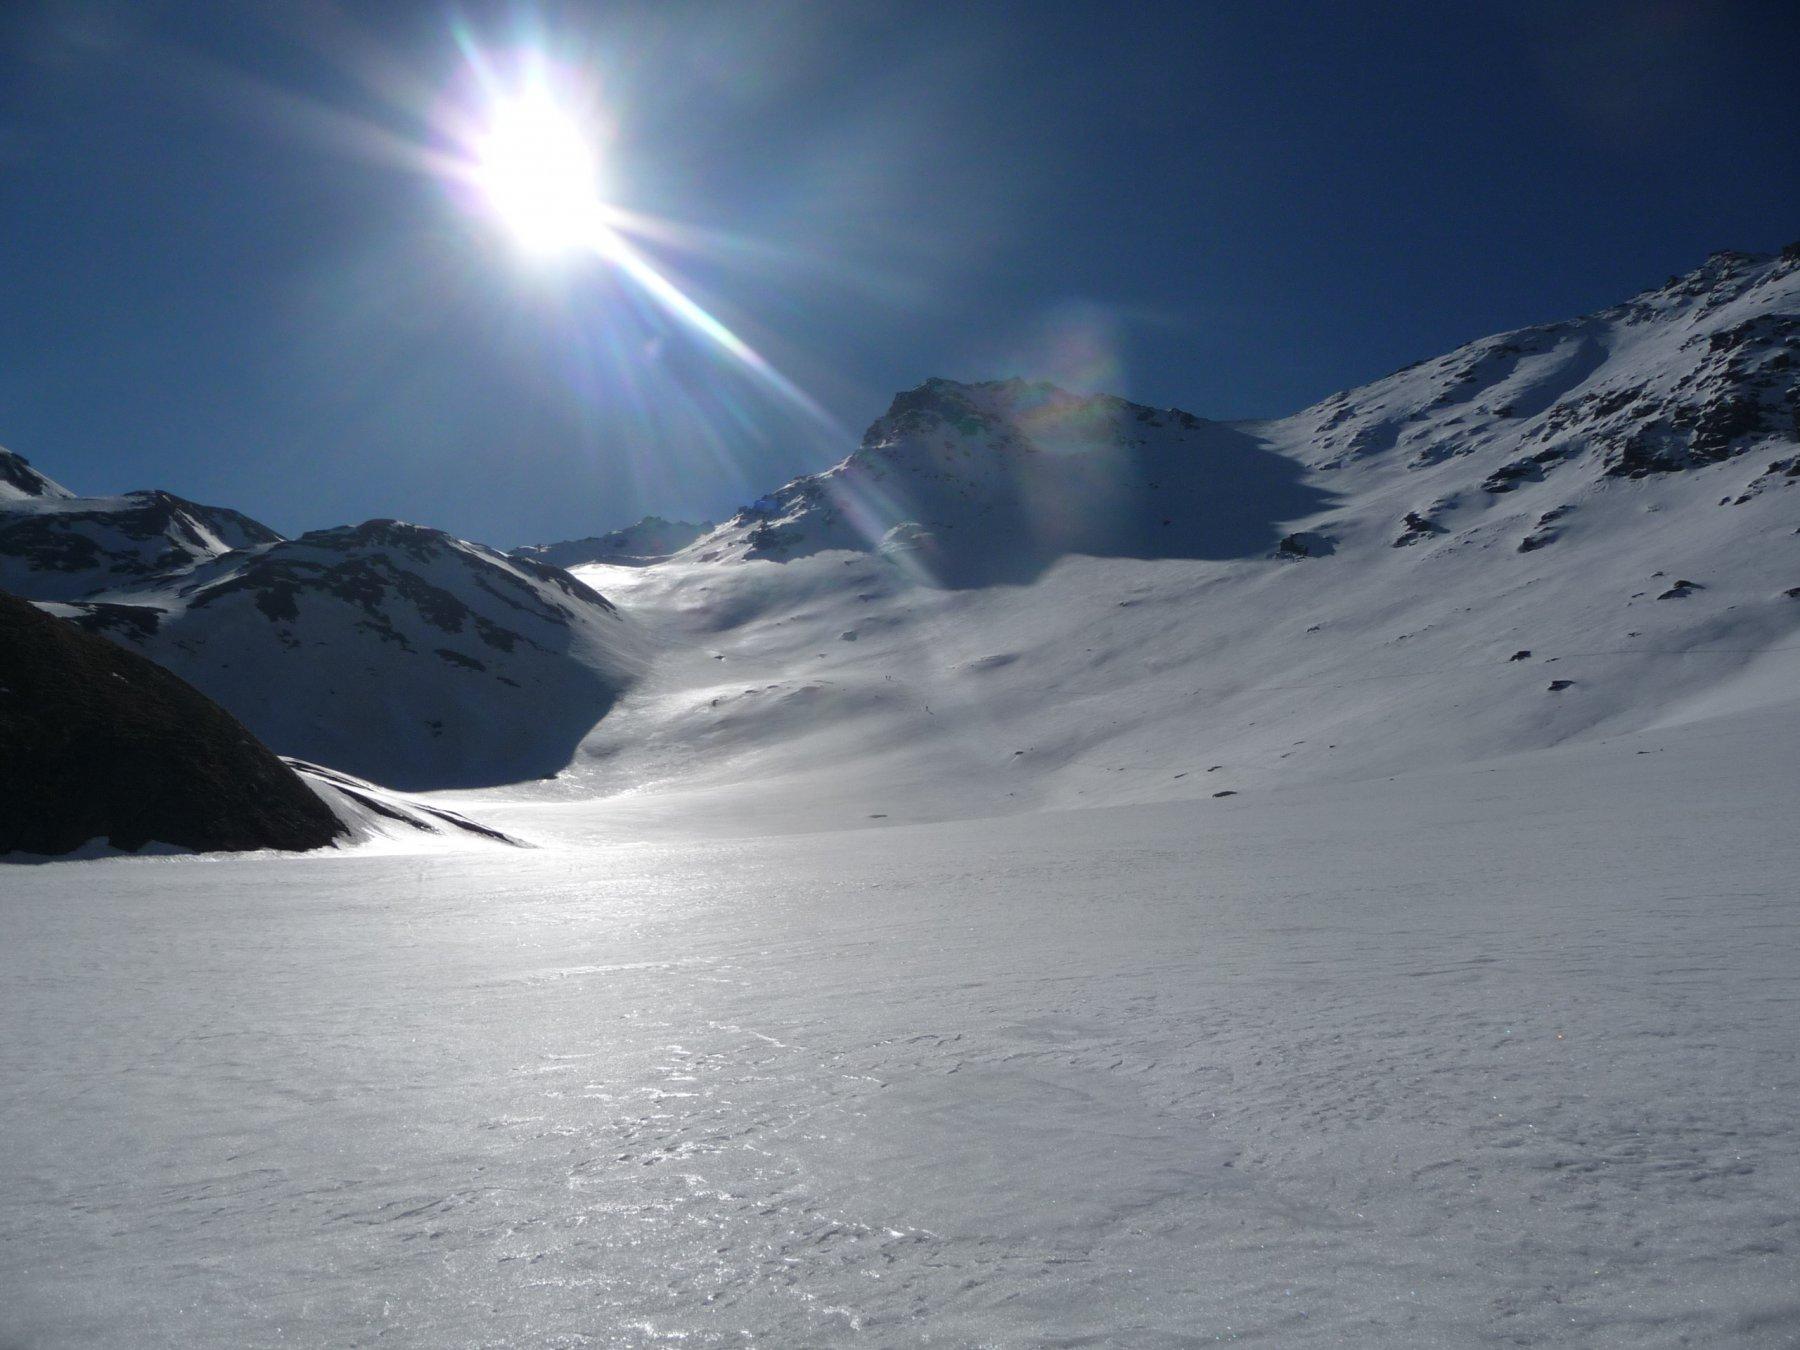 la punta di Valfredda dal pianoro a 2400 metri